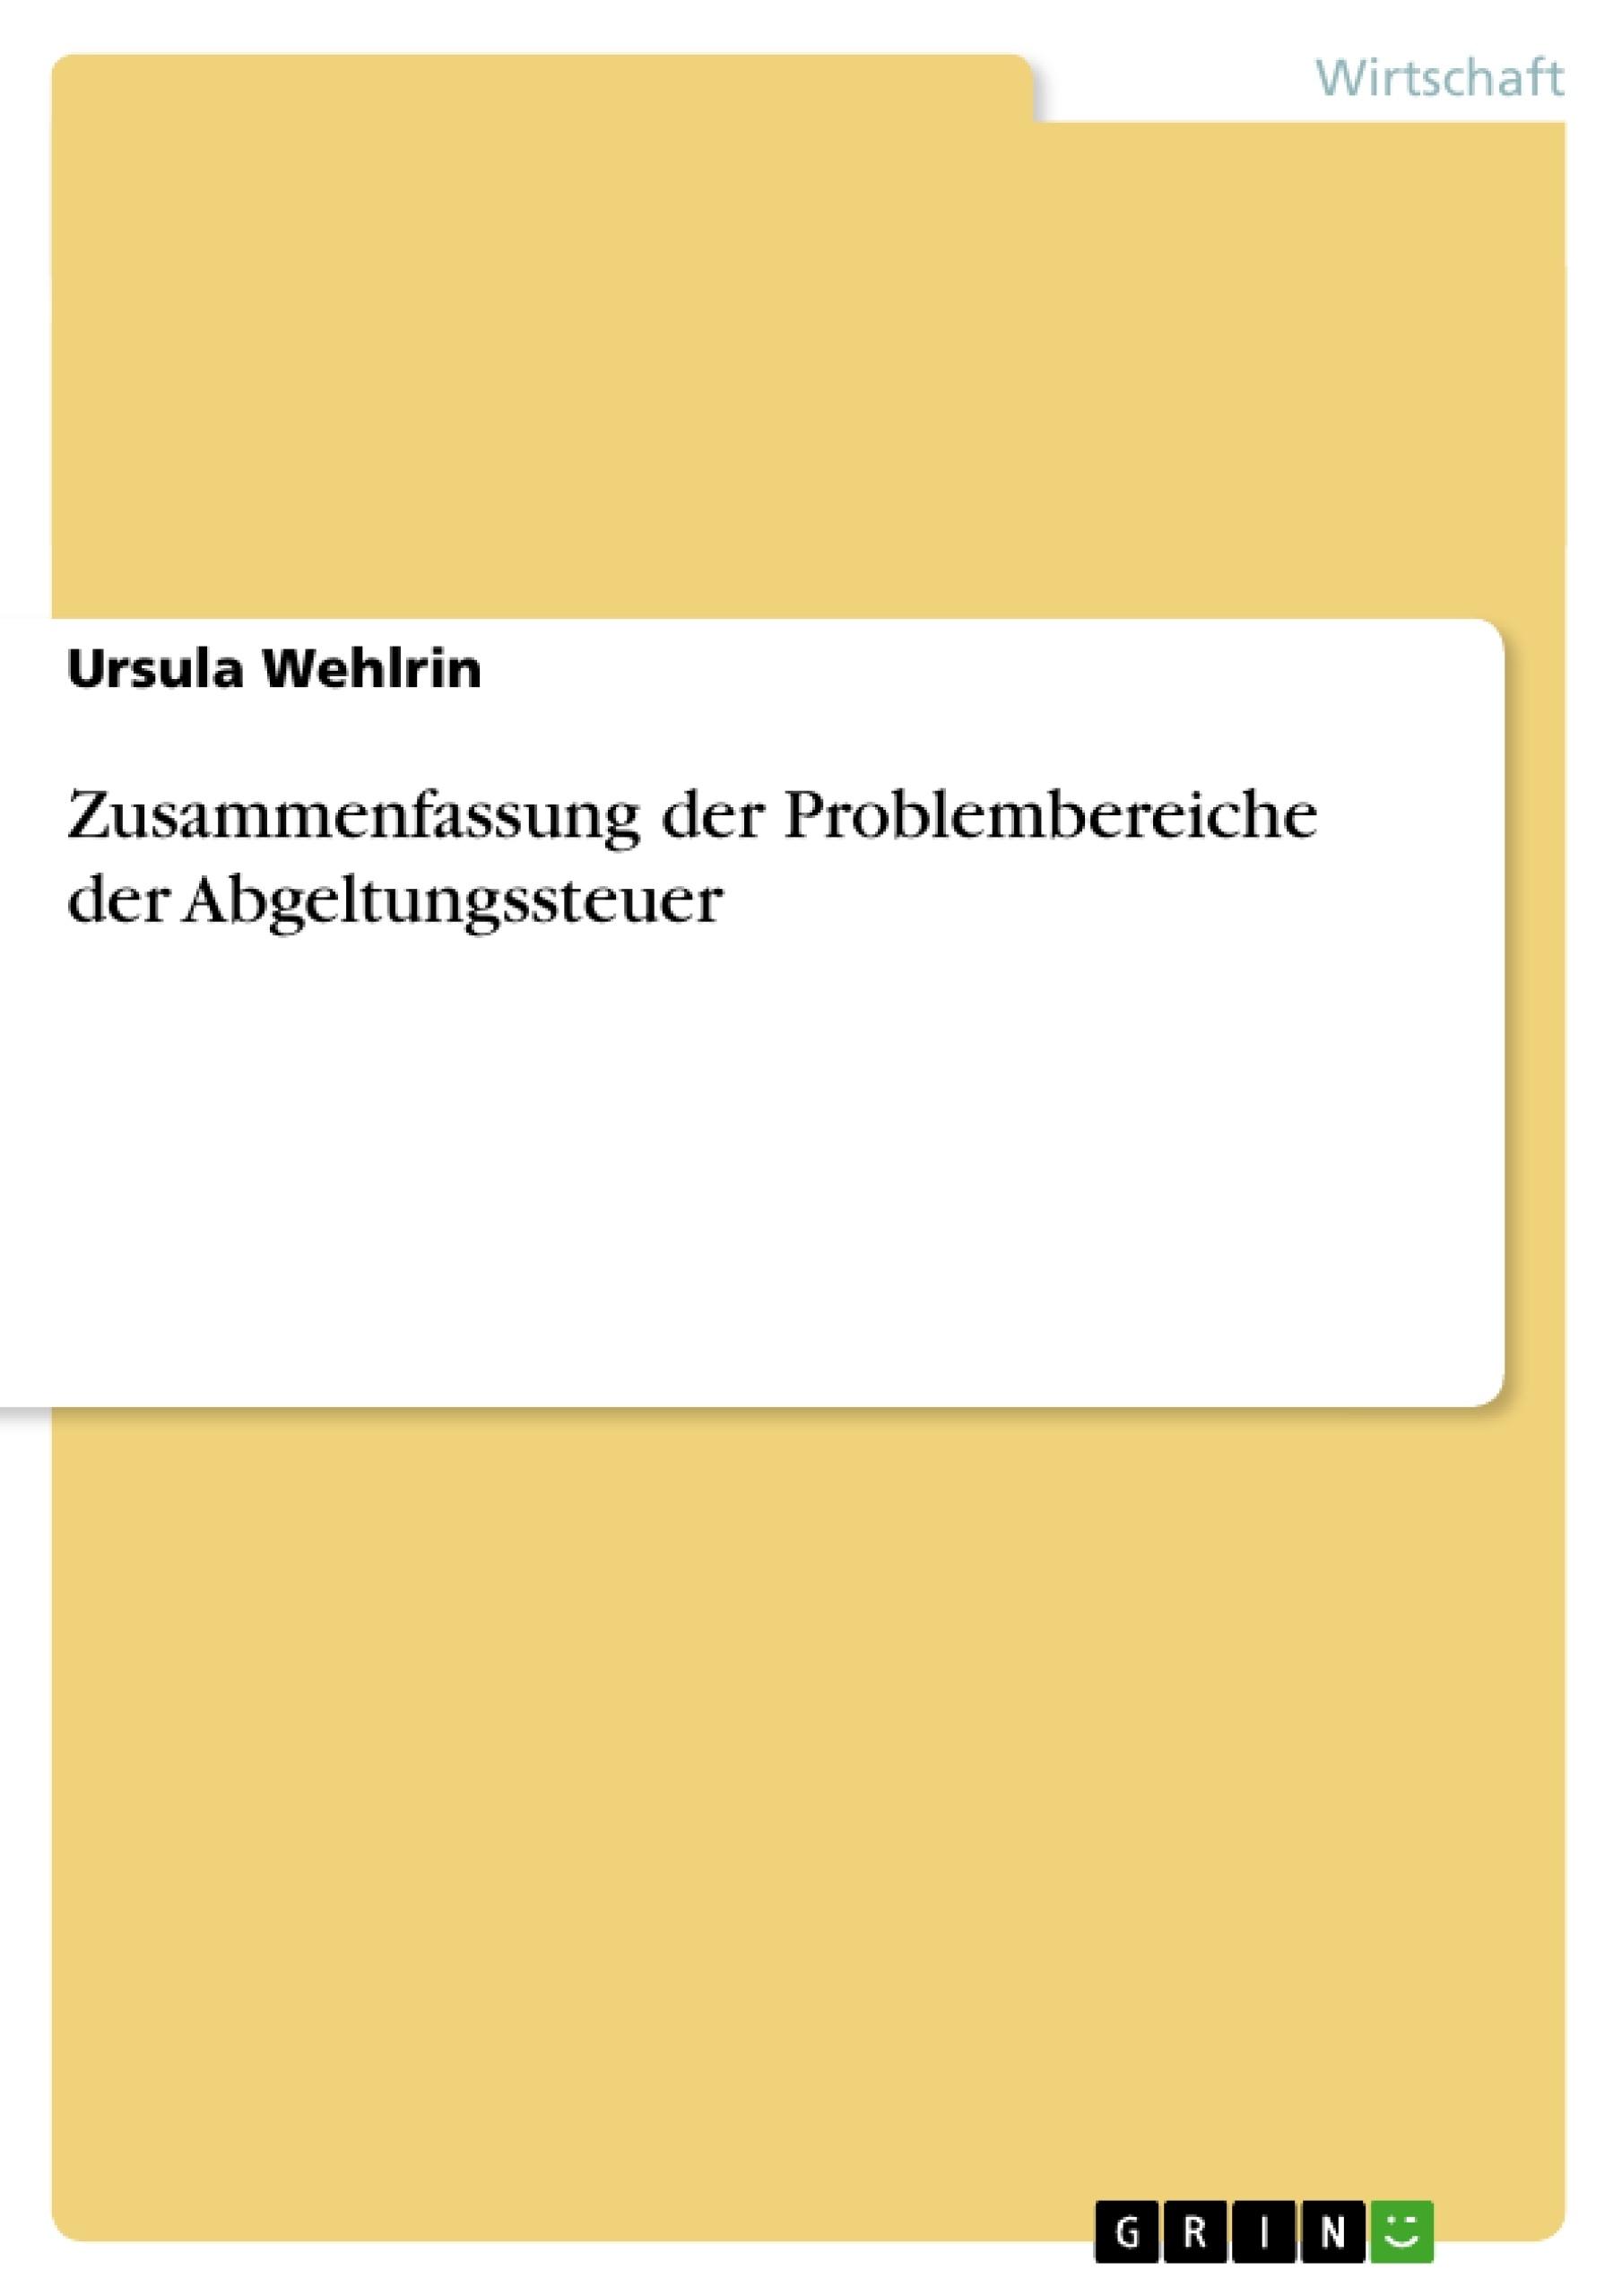 Titel: Zusammenfassung der Problembereiche der Abgeltungssteuer